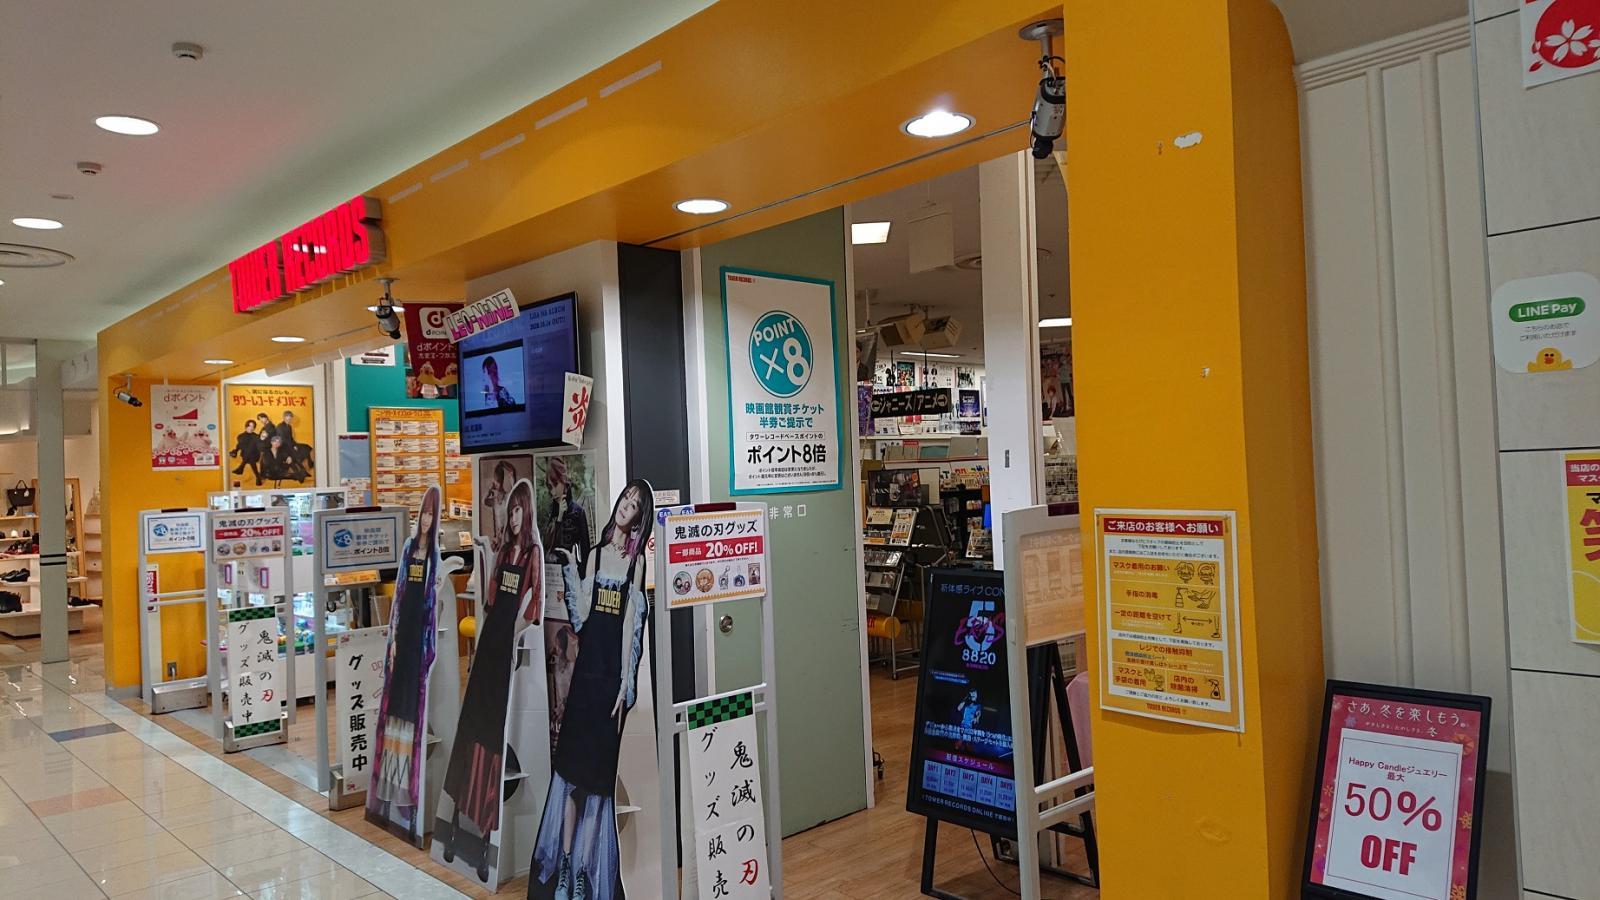 タワーレコードイオンモール倉敷店